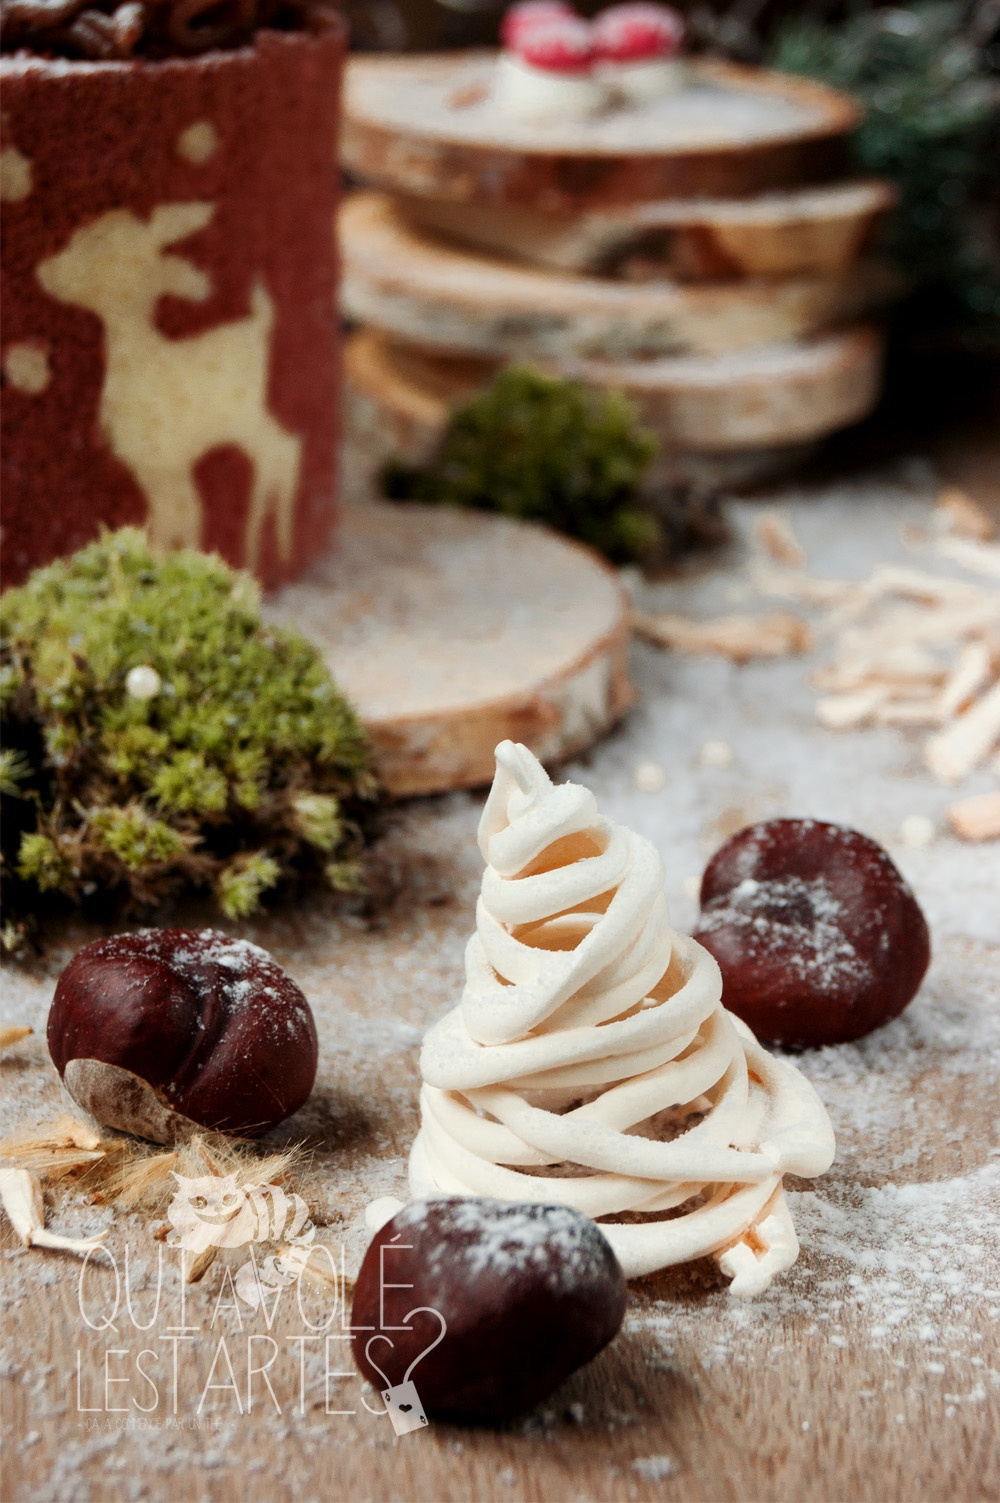 Mont-Blanc Noël sans gluten 6 - Studio 2 création - Qui a volé les tartes